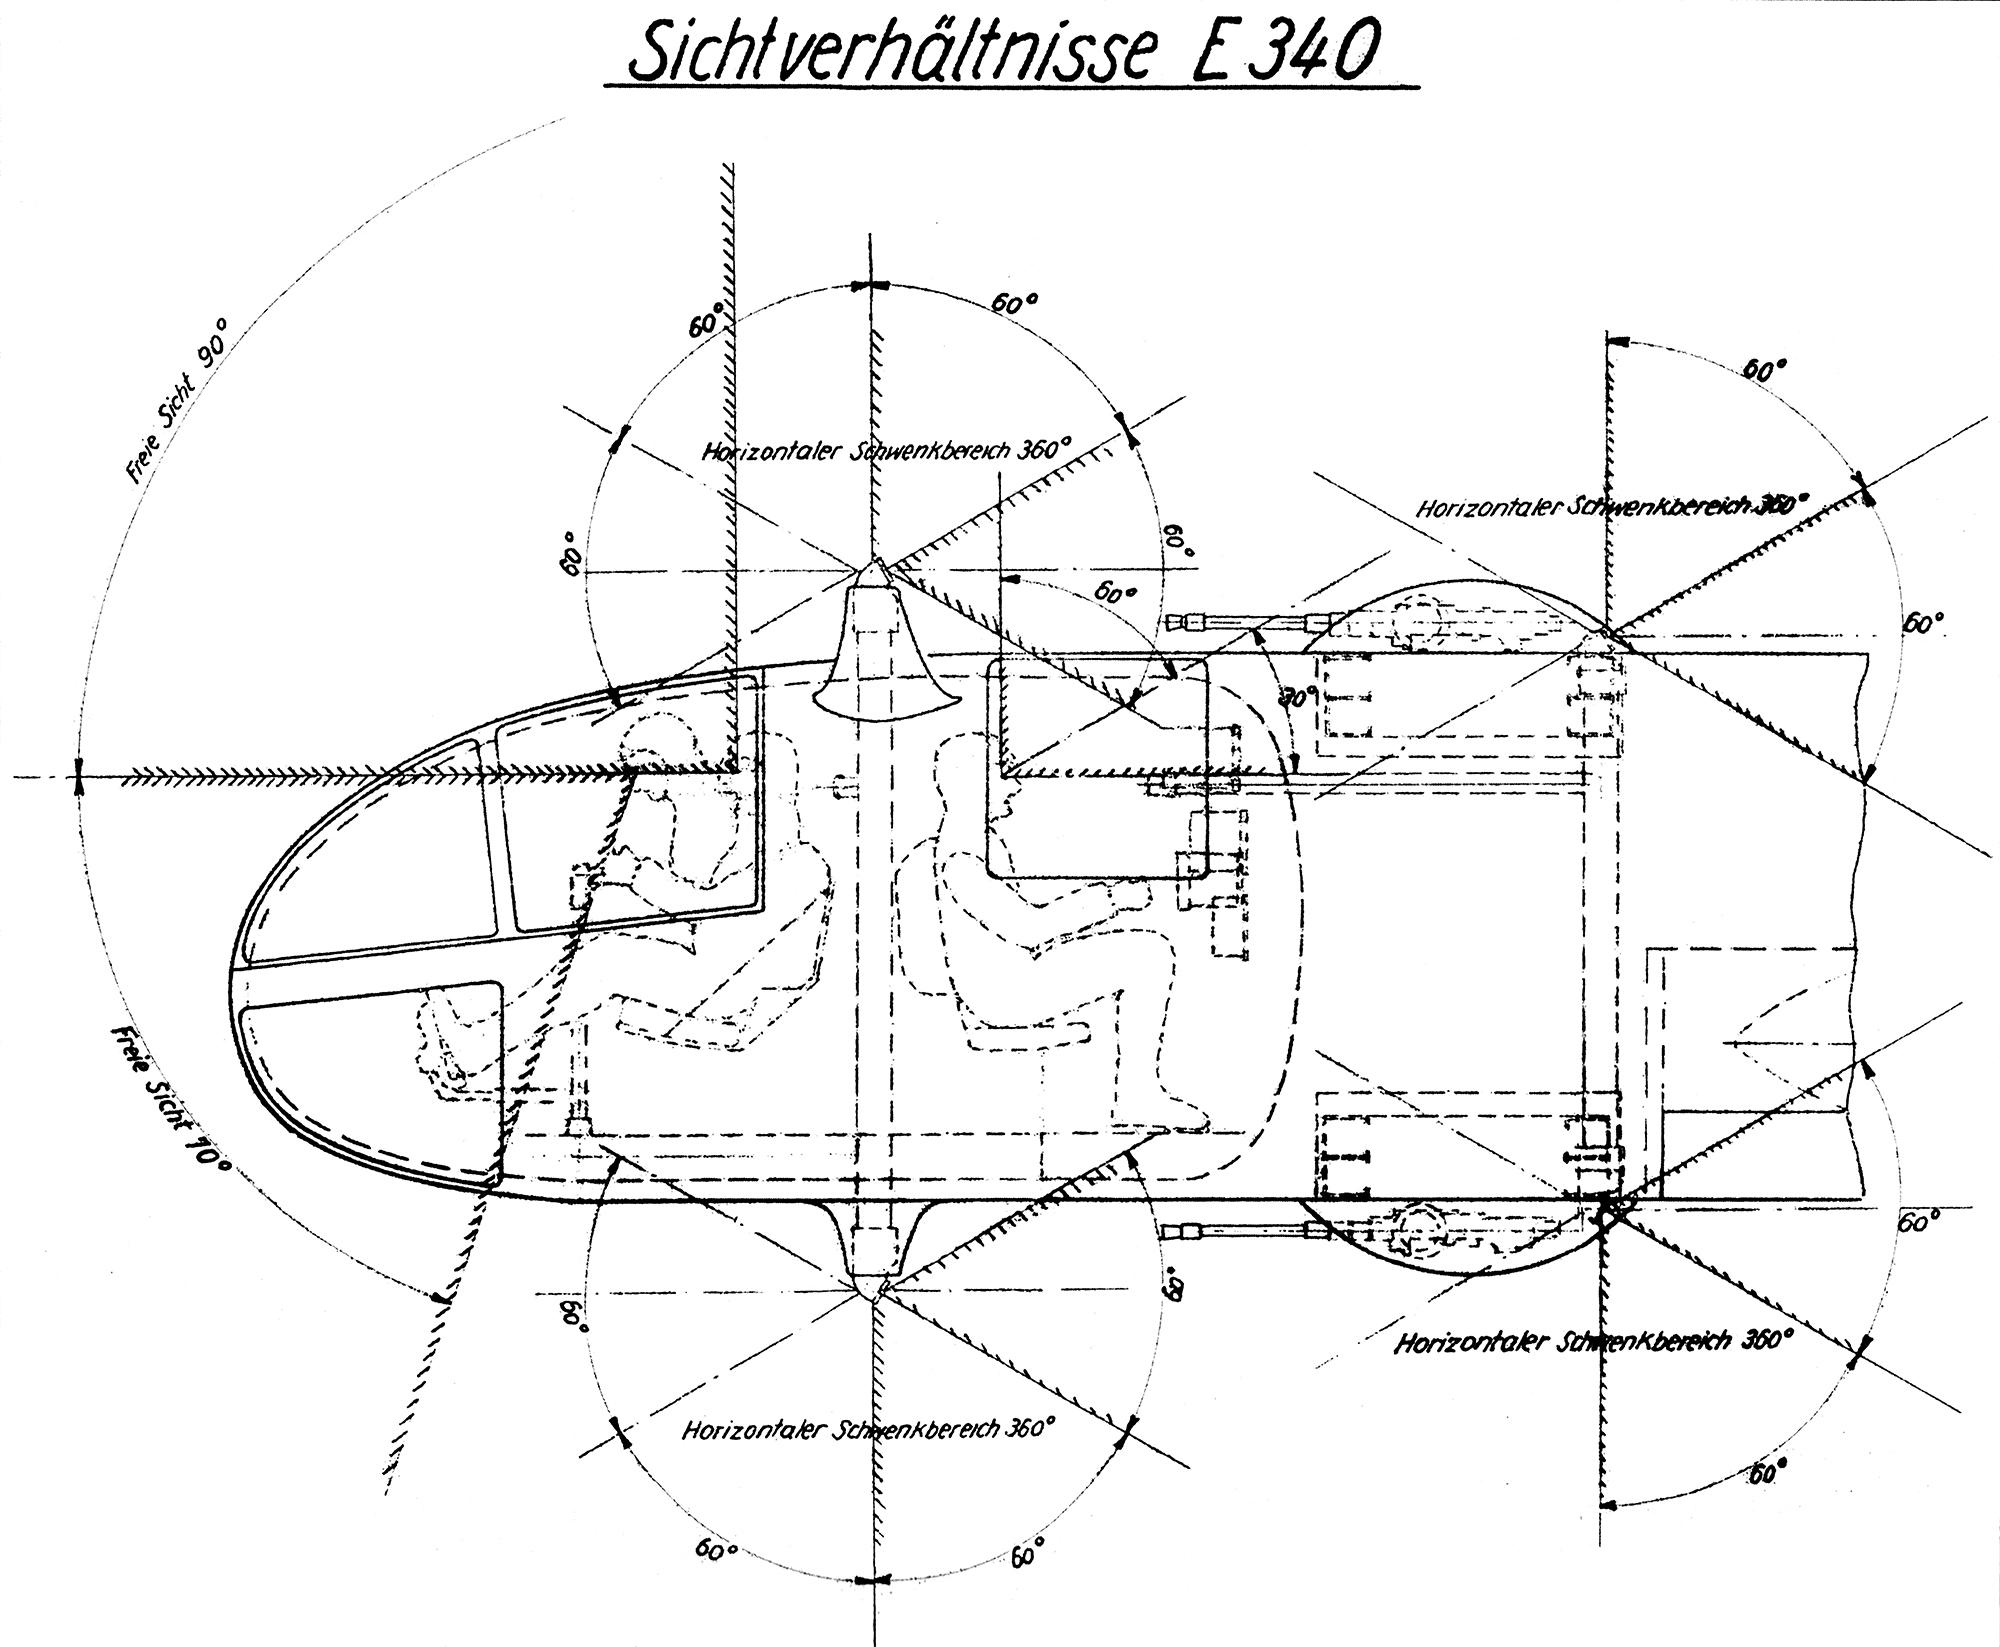 Arado E340_PVE11